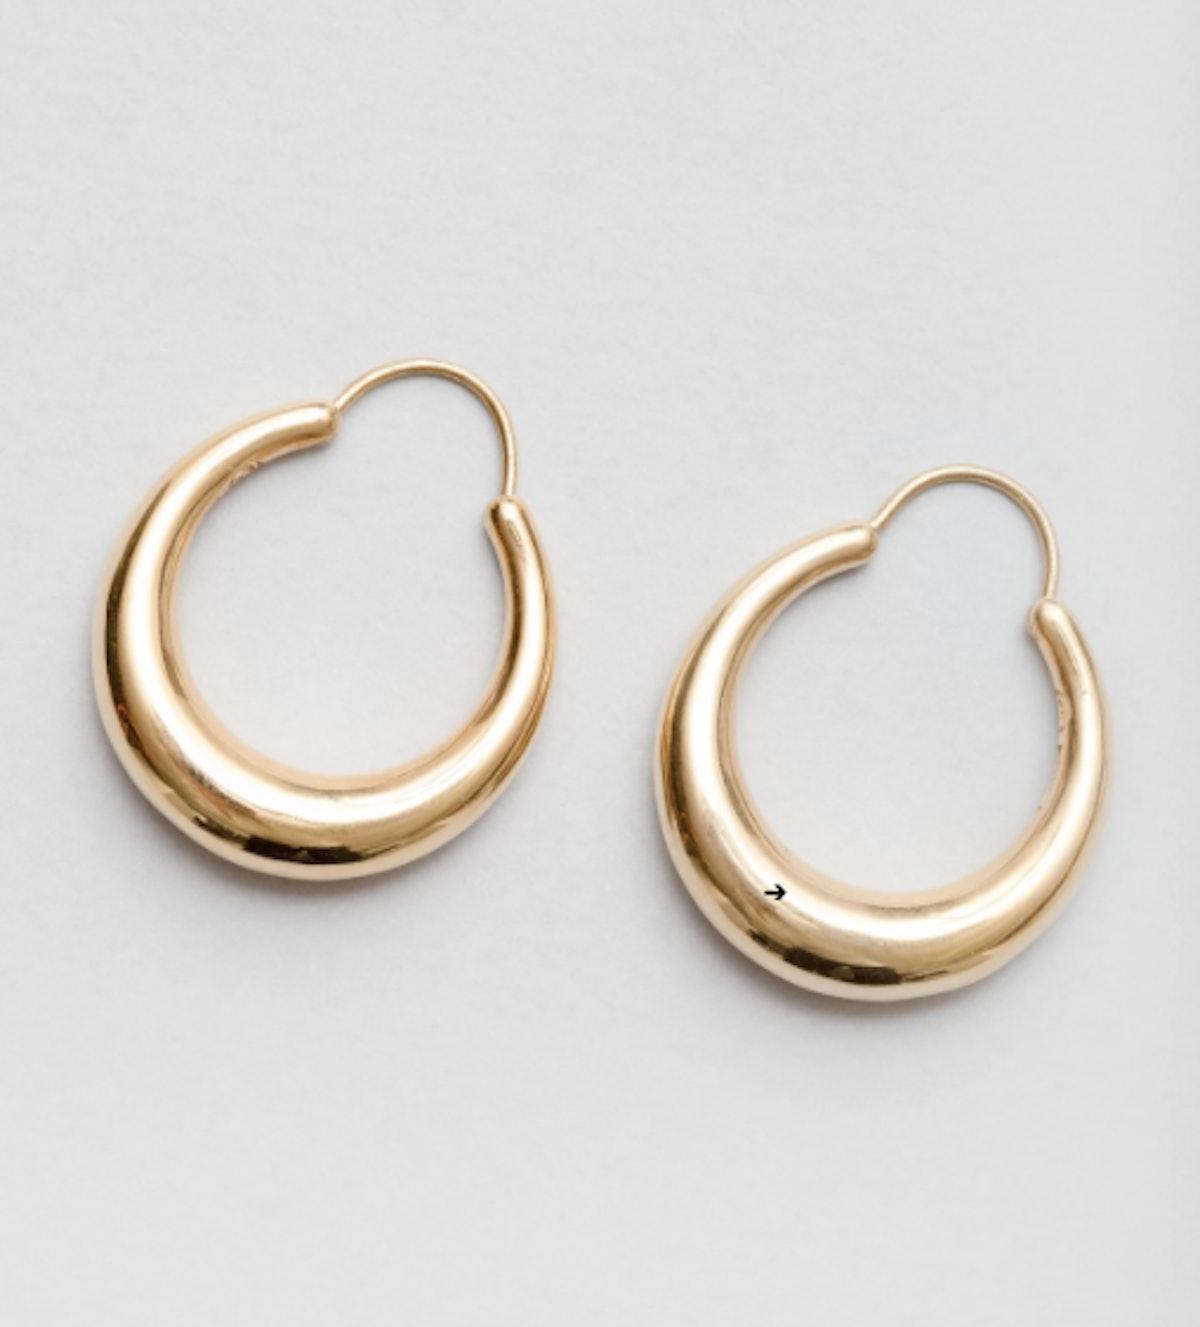 Fat Snake Earrings